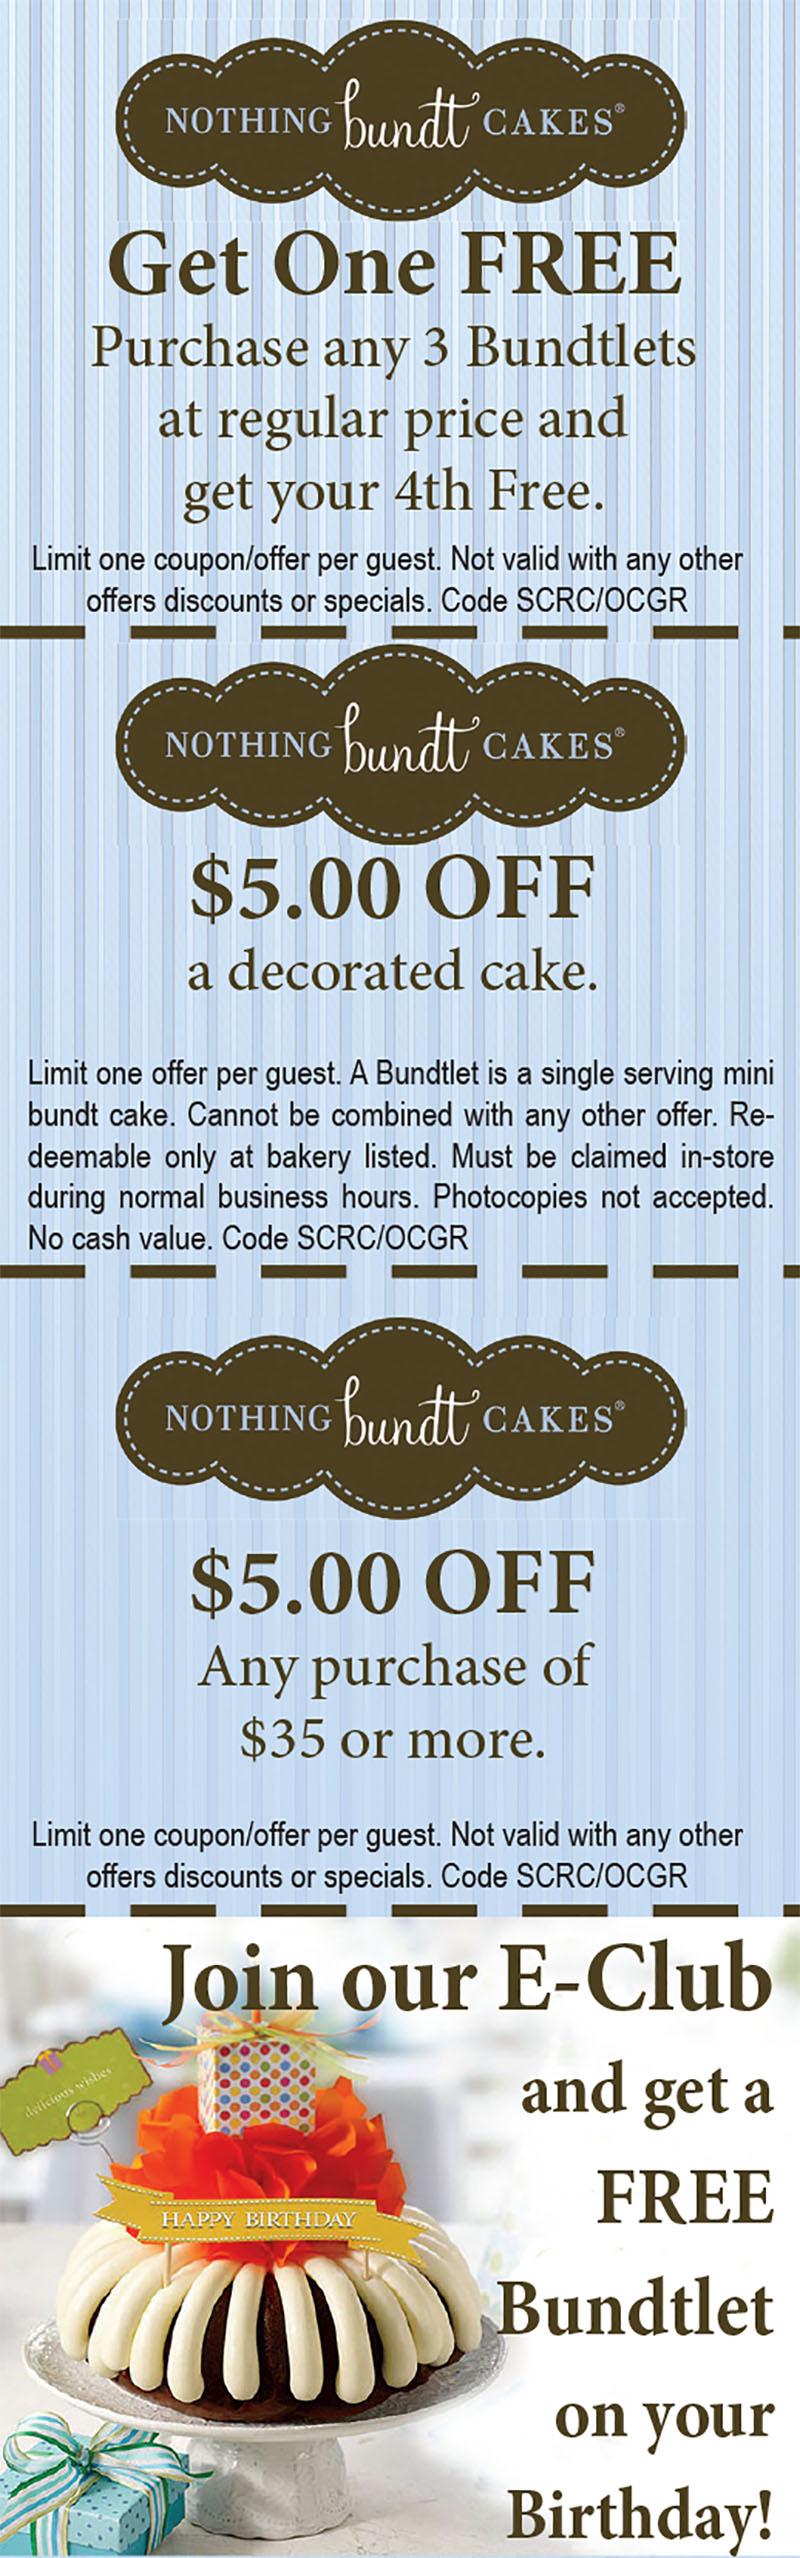 Nothing Bundt Cakes Irvine Tustin